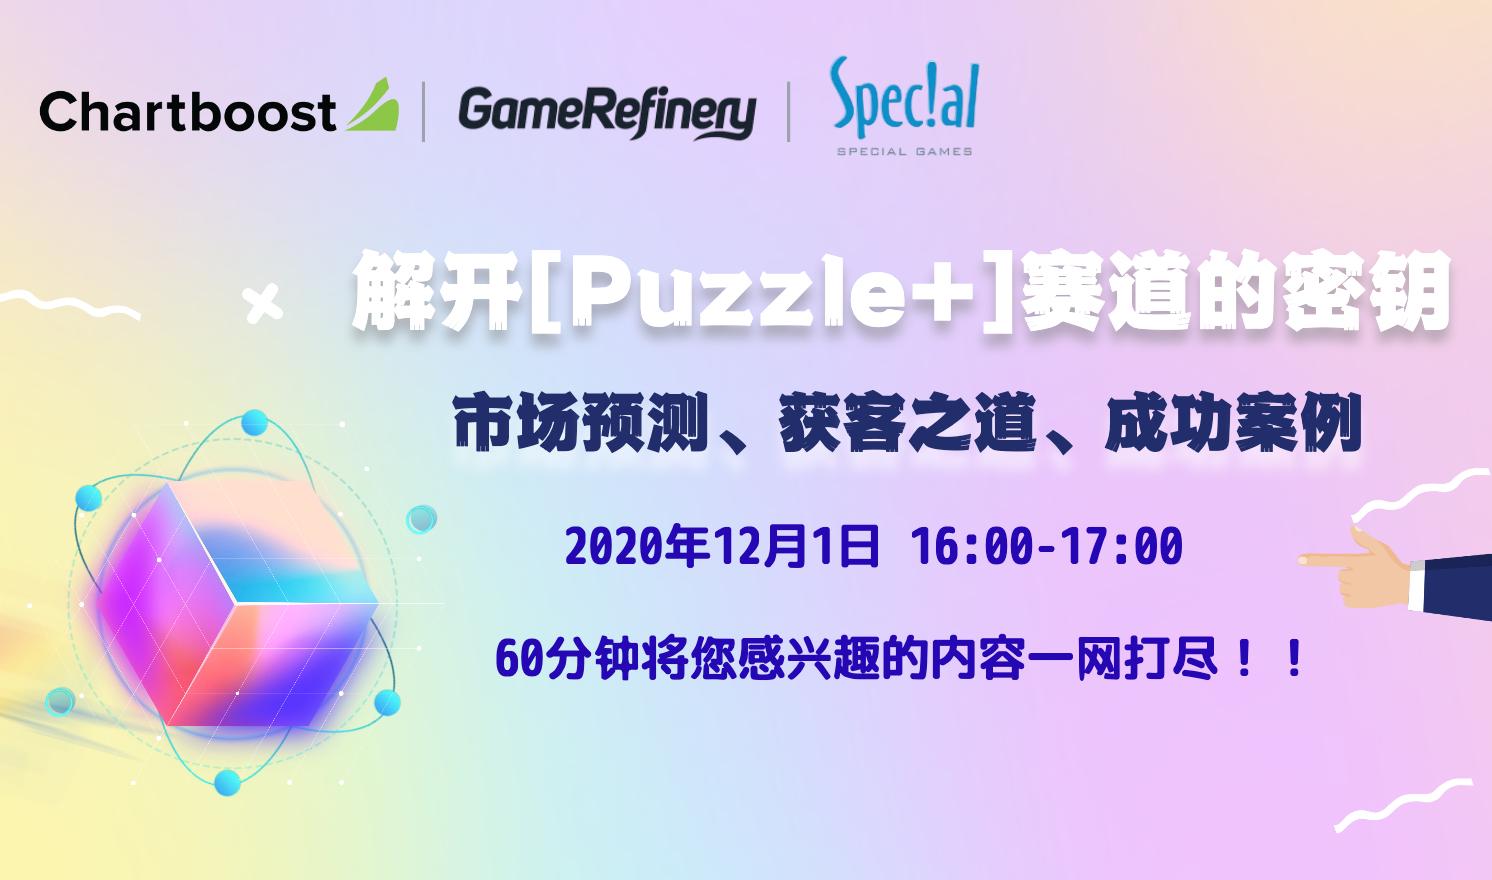 解开【Puzzle+】赛道的密钥,市场预测、获客之道、成功案例(2020-12-01)